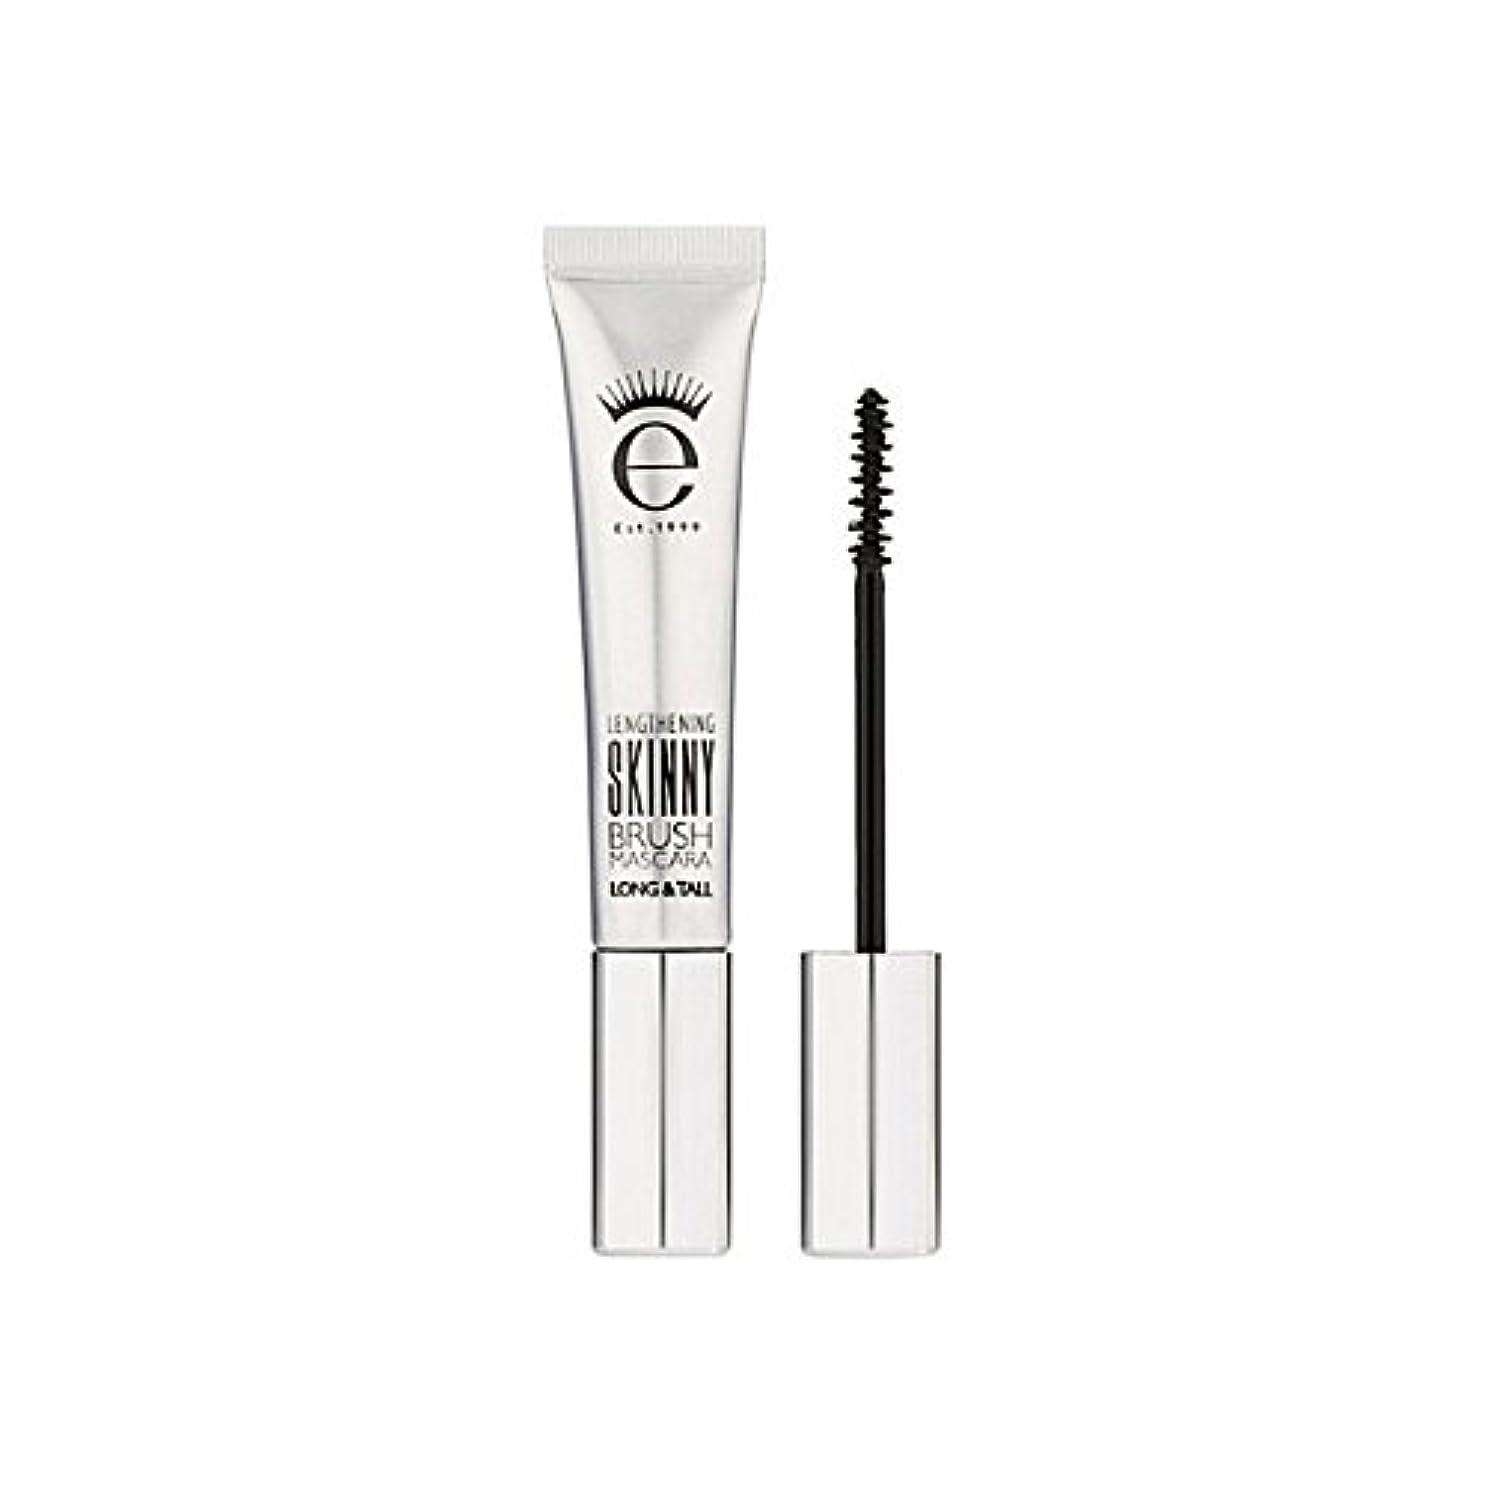 入場限り限界スキニーブラシマスカラ x2 - Eyeko Skinny Brush Mascara (Pack of 2) [並行輸入品]